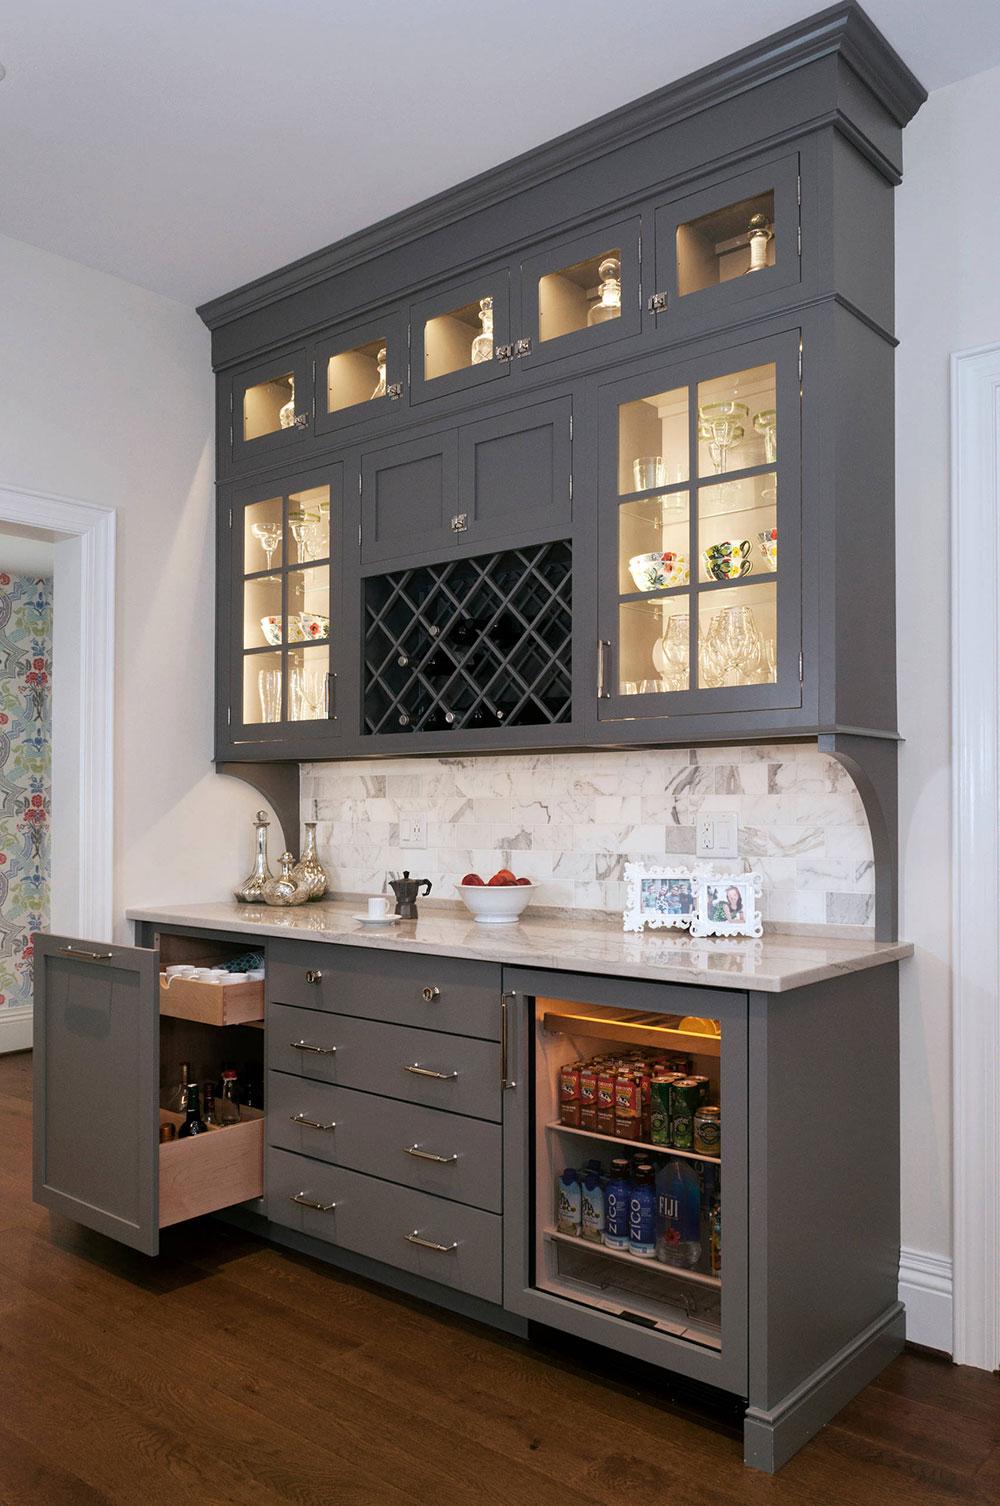 Cuisine-Remodel-Upper-St-Clair-by-Evalia-Design-LLC Que faire avec de vieilles armoires de cuisine (idées d'armoires réutilisées)